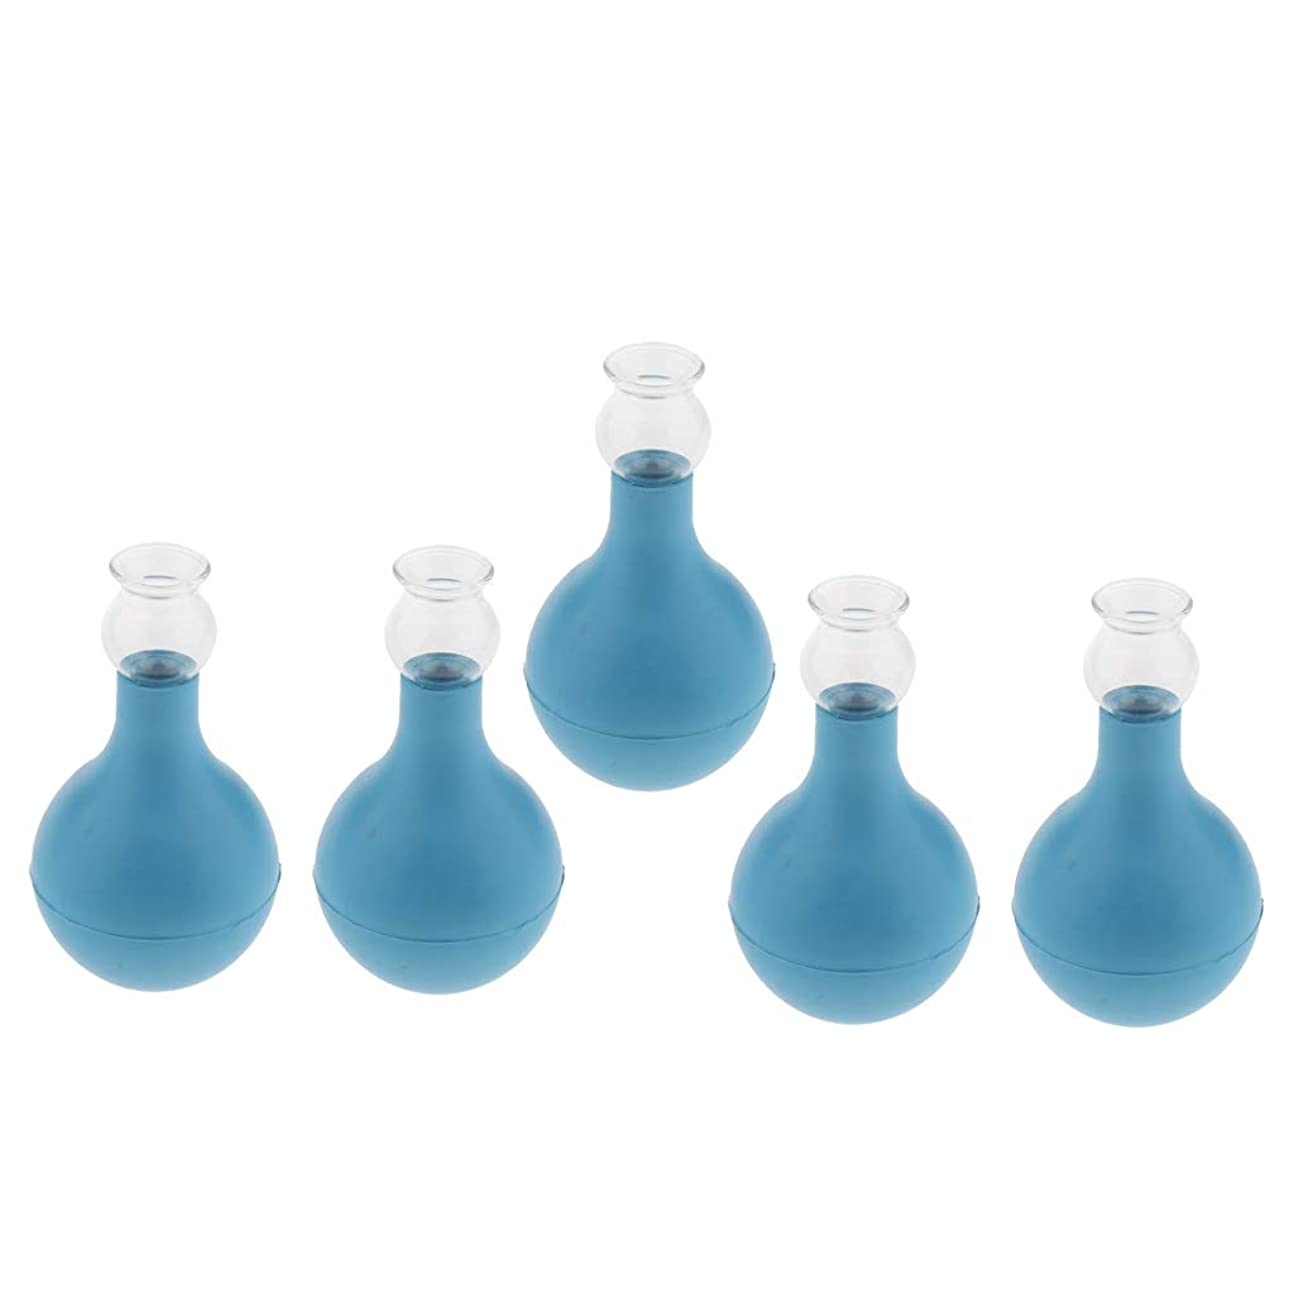 患者哲学的高揚したFLAMEER 5個 セルライト対策 カッピング ガラス/シリコン マッサージ吸い玉 使いやすい 腫脹緩和 2種選ぶ - ブルー+ブルー2cm, 2cm